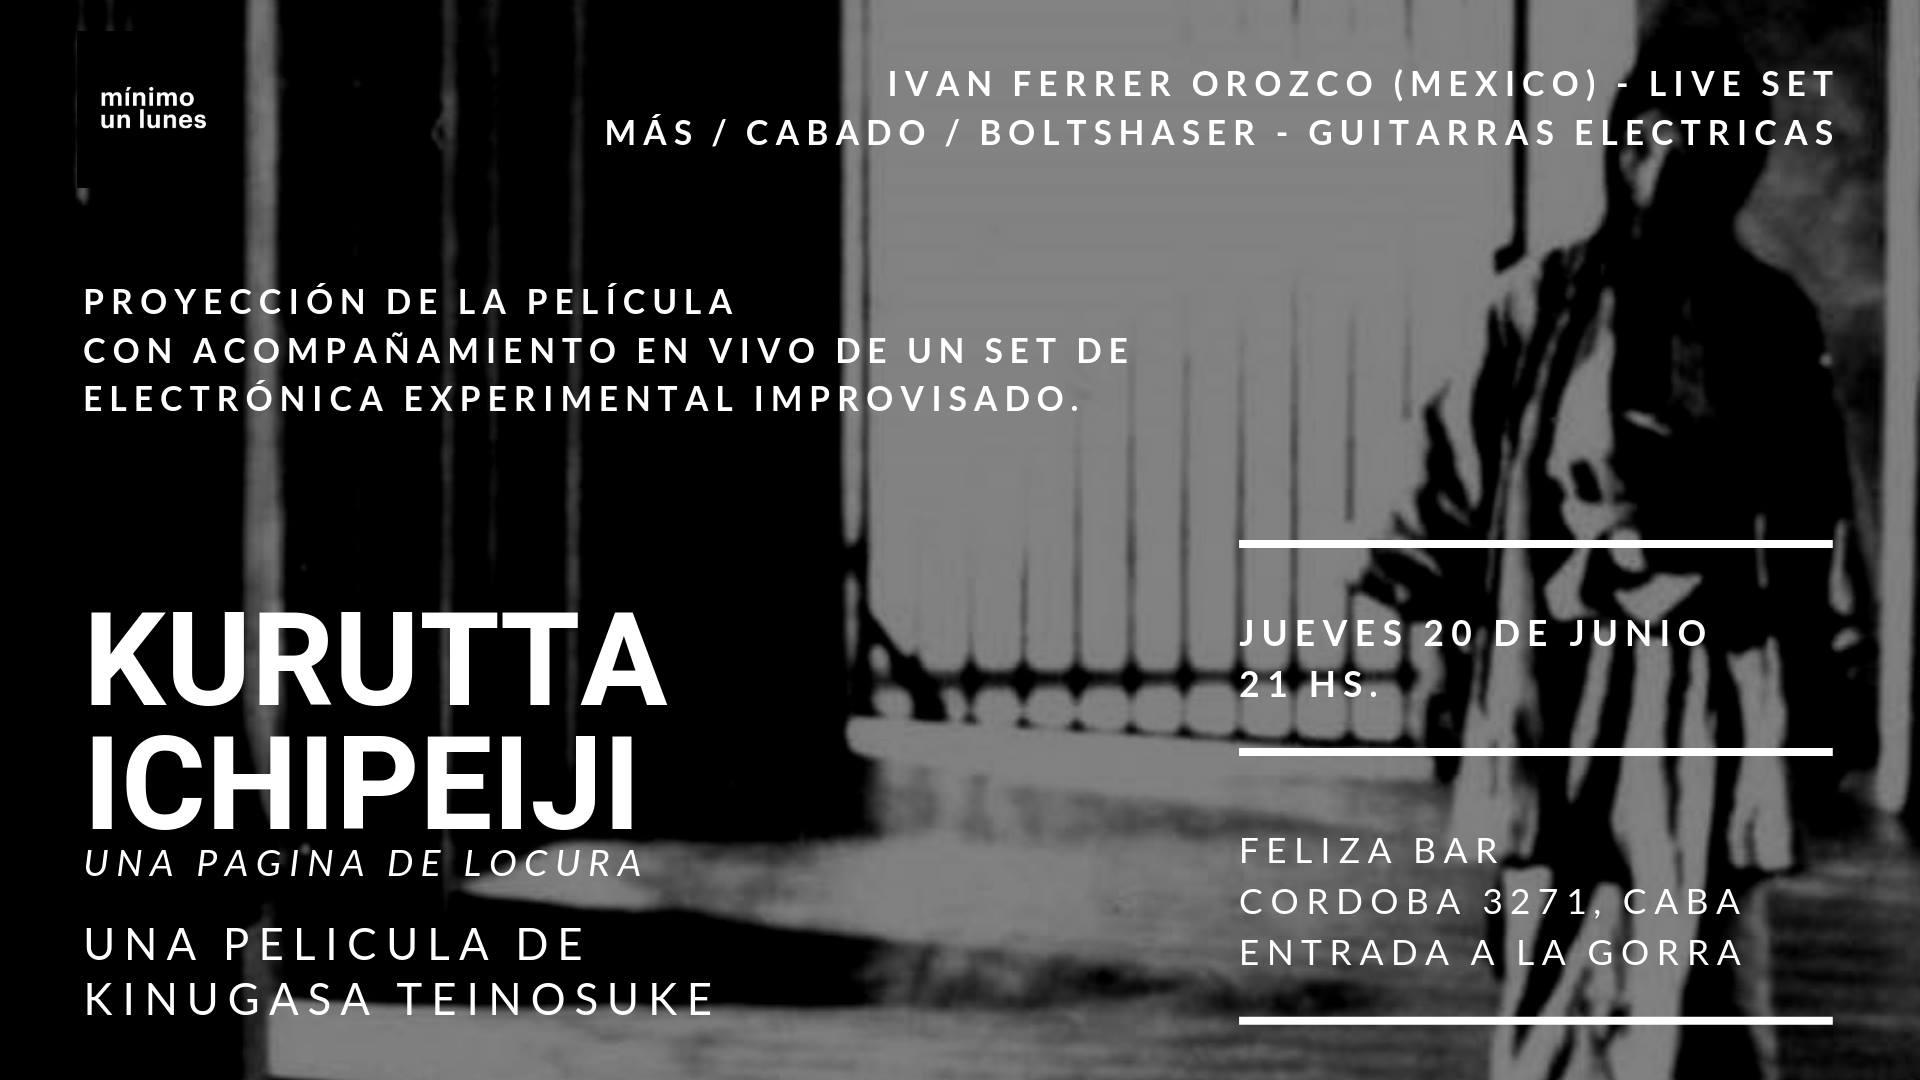 Mínimo un lunes extra: Una página de locura. em Buenos Aires le qui, 20 junho 2019 21:00-22:30 (Festival Gay)